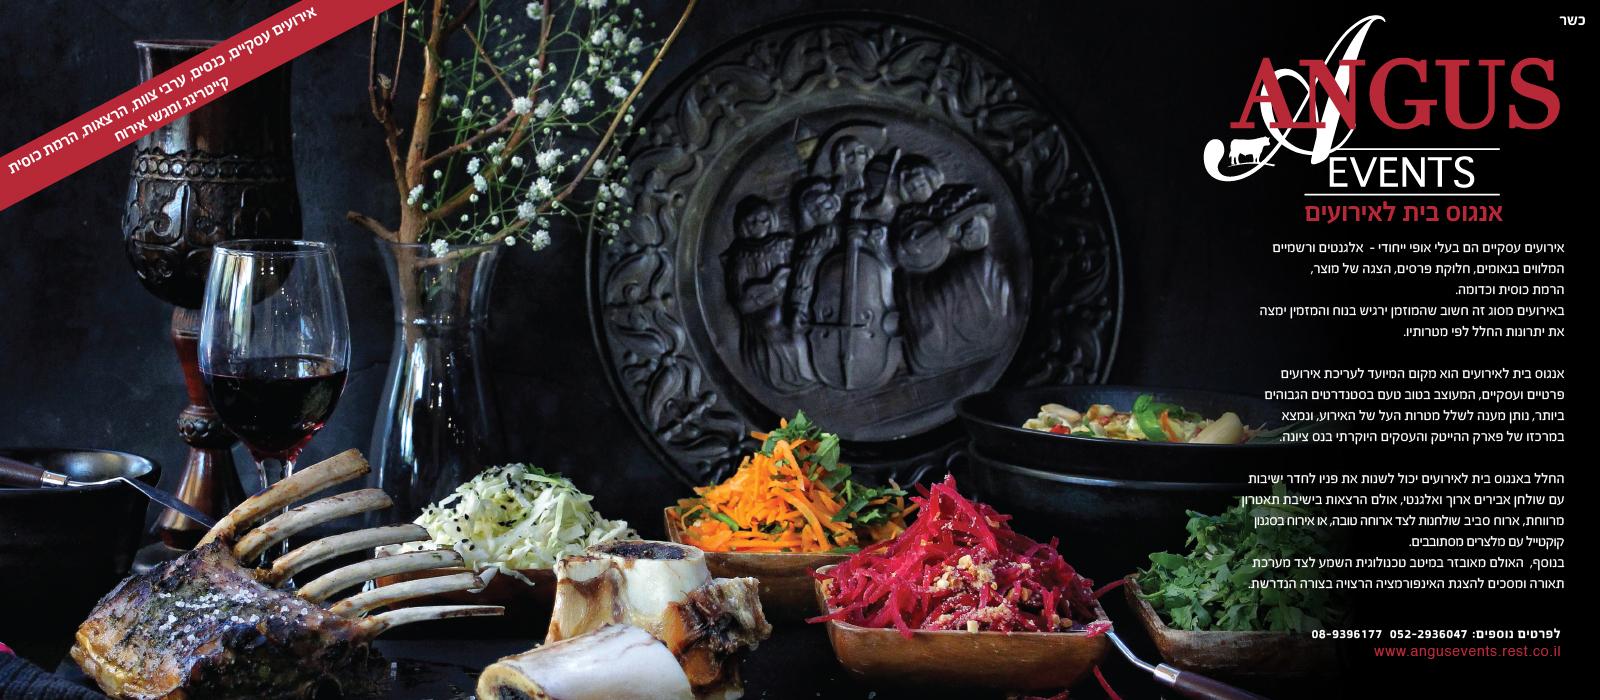 עיצוב ומיתוג אנגוס מסעדה